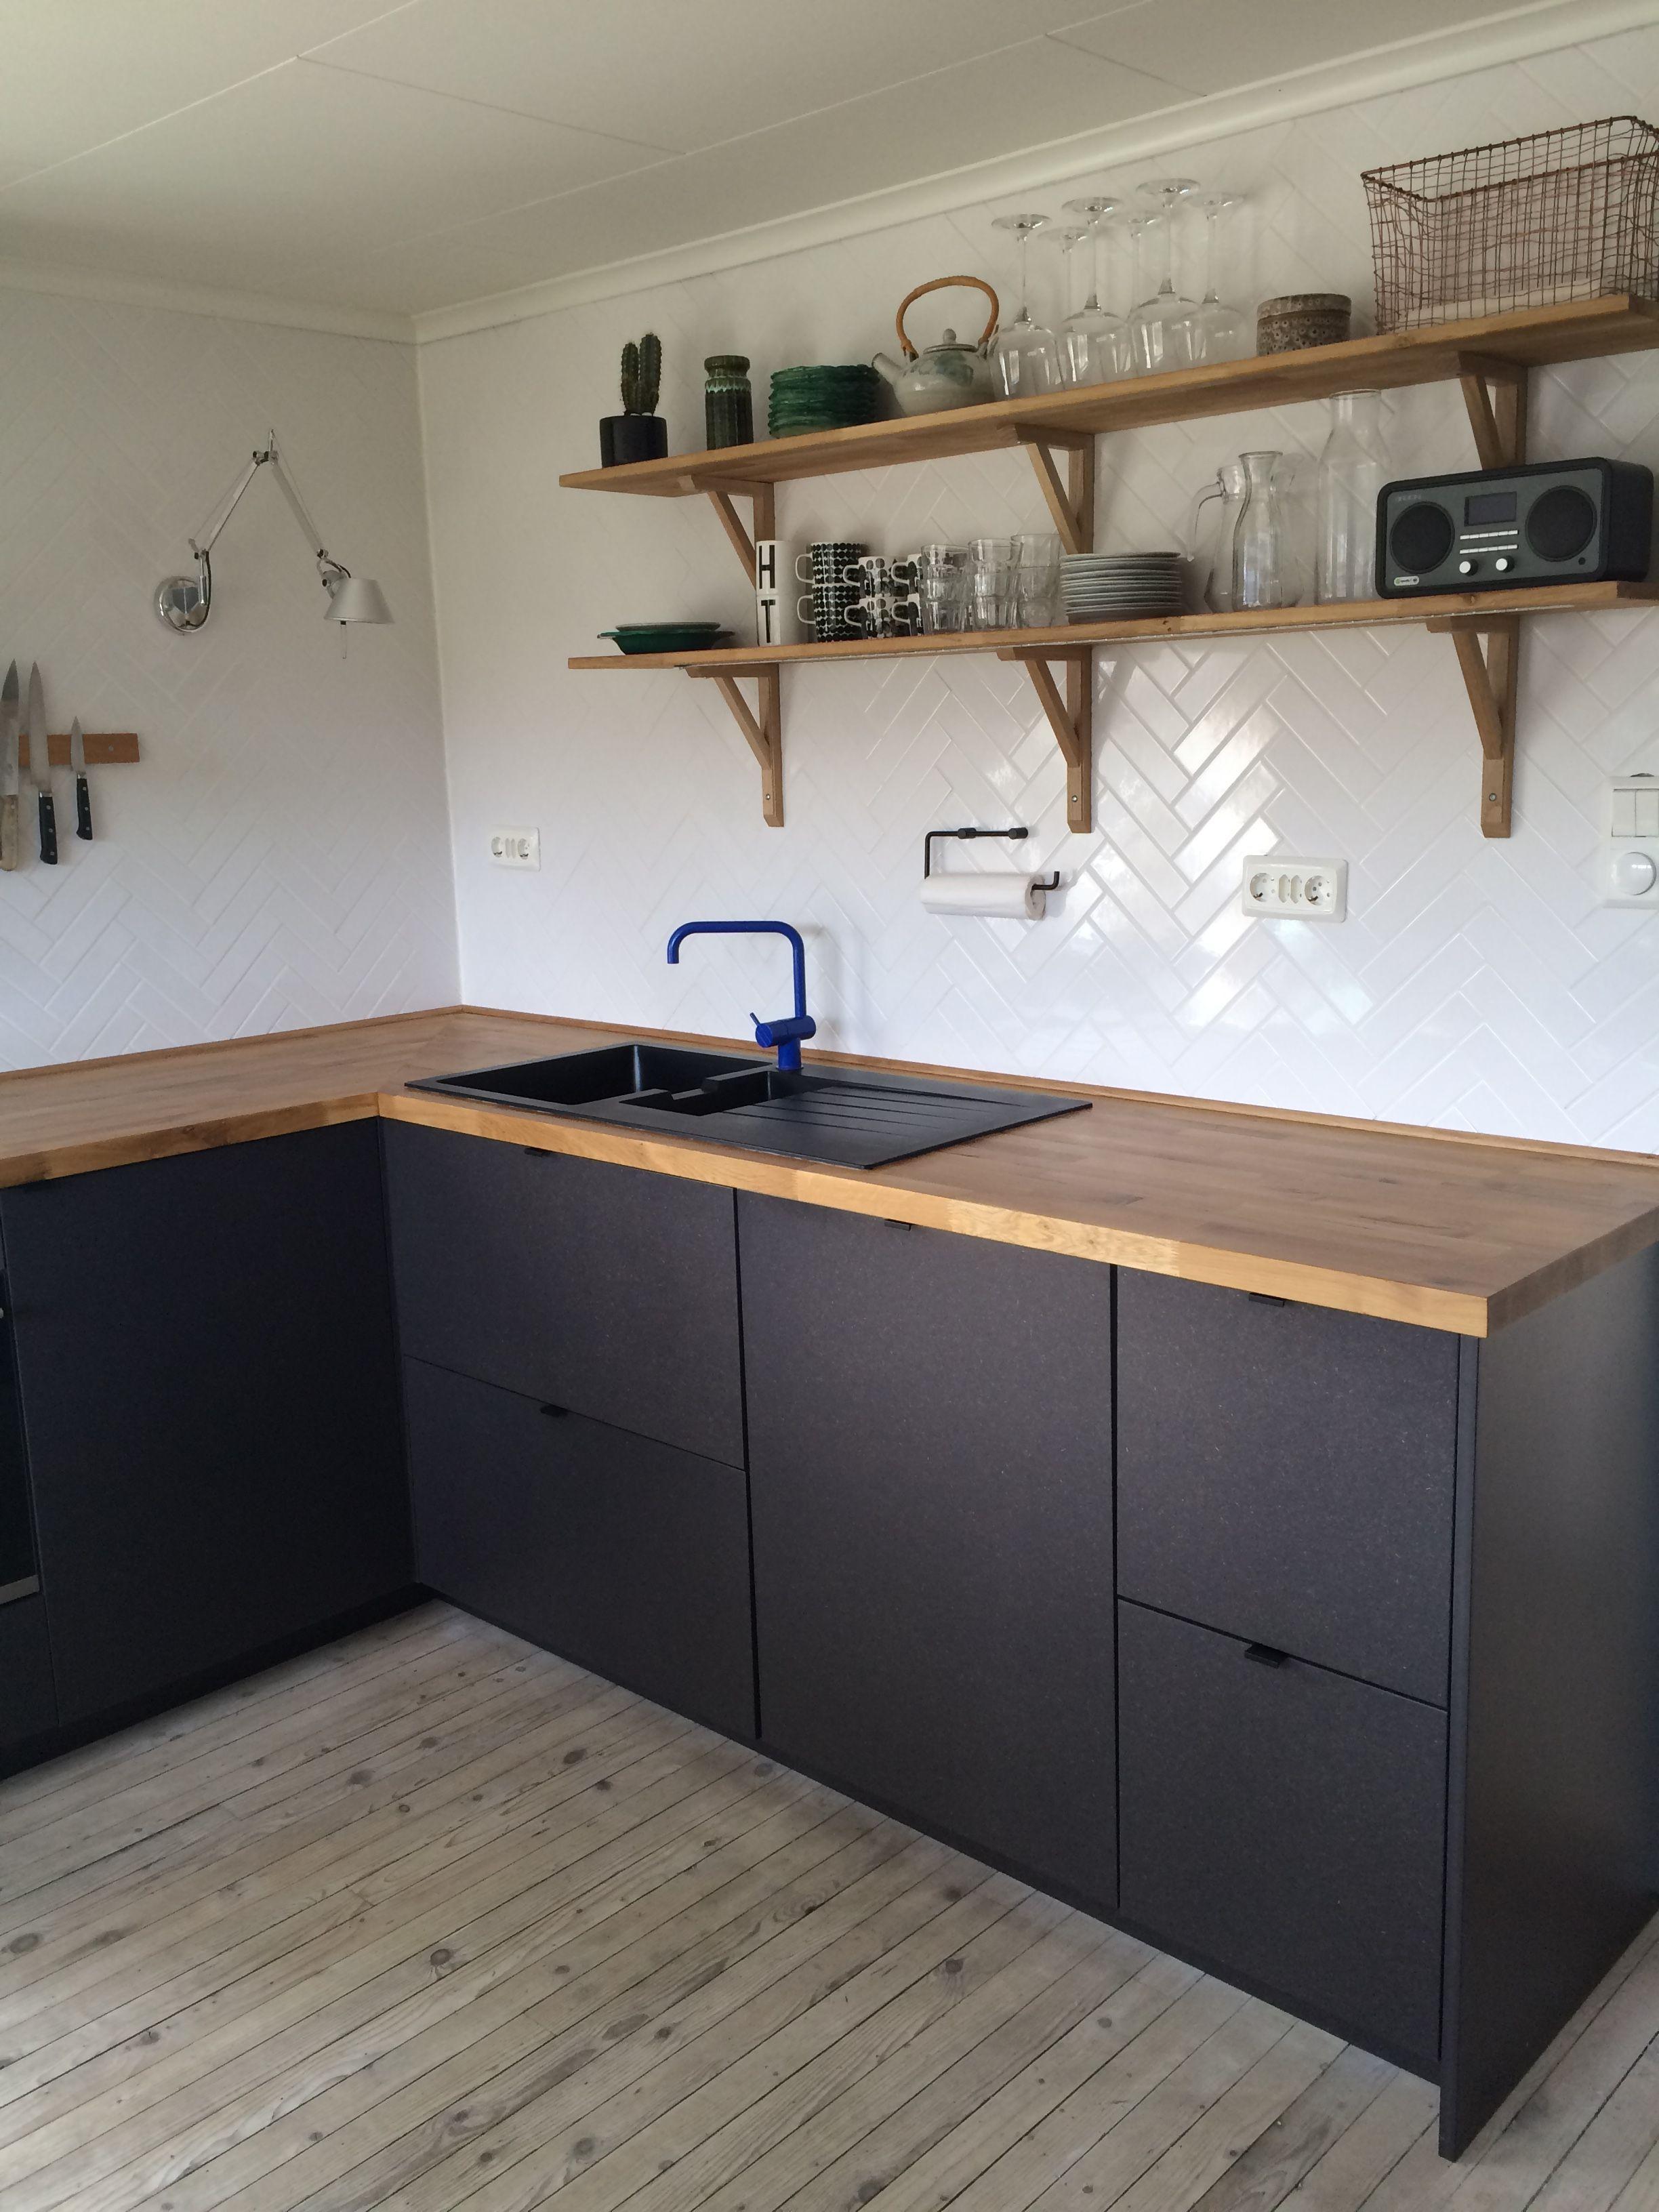 Ikea Small Kitchen Table In 2020 Ikea Kitchen Design Ikea Kitchen Wood Kitchen Cabinets